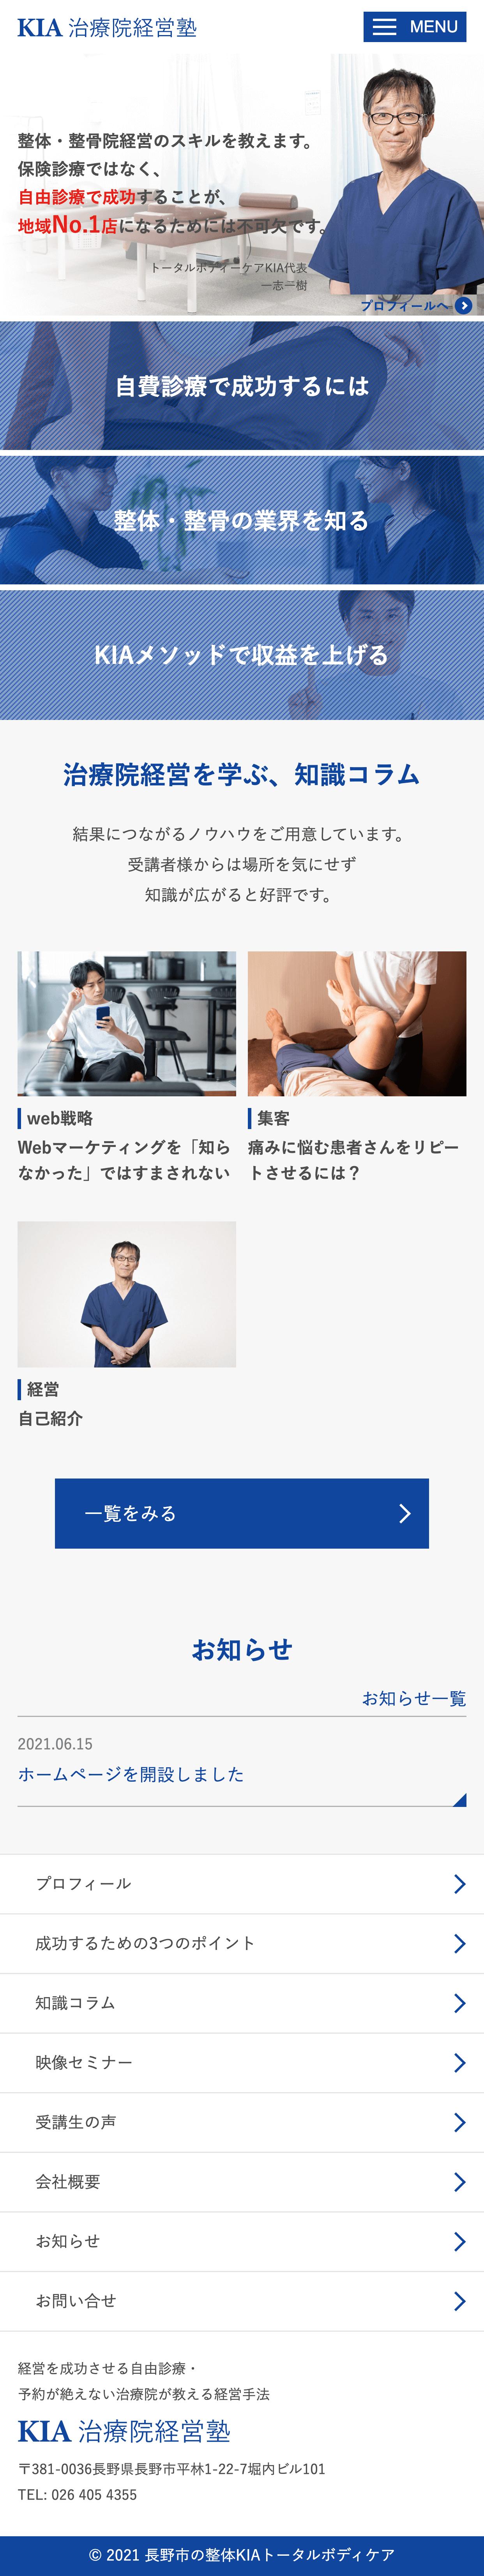 株式会社ケイアイエー 様 KIA治療院経営塾サイトspイメージ